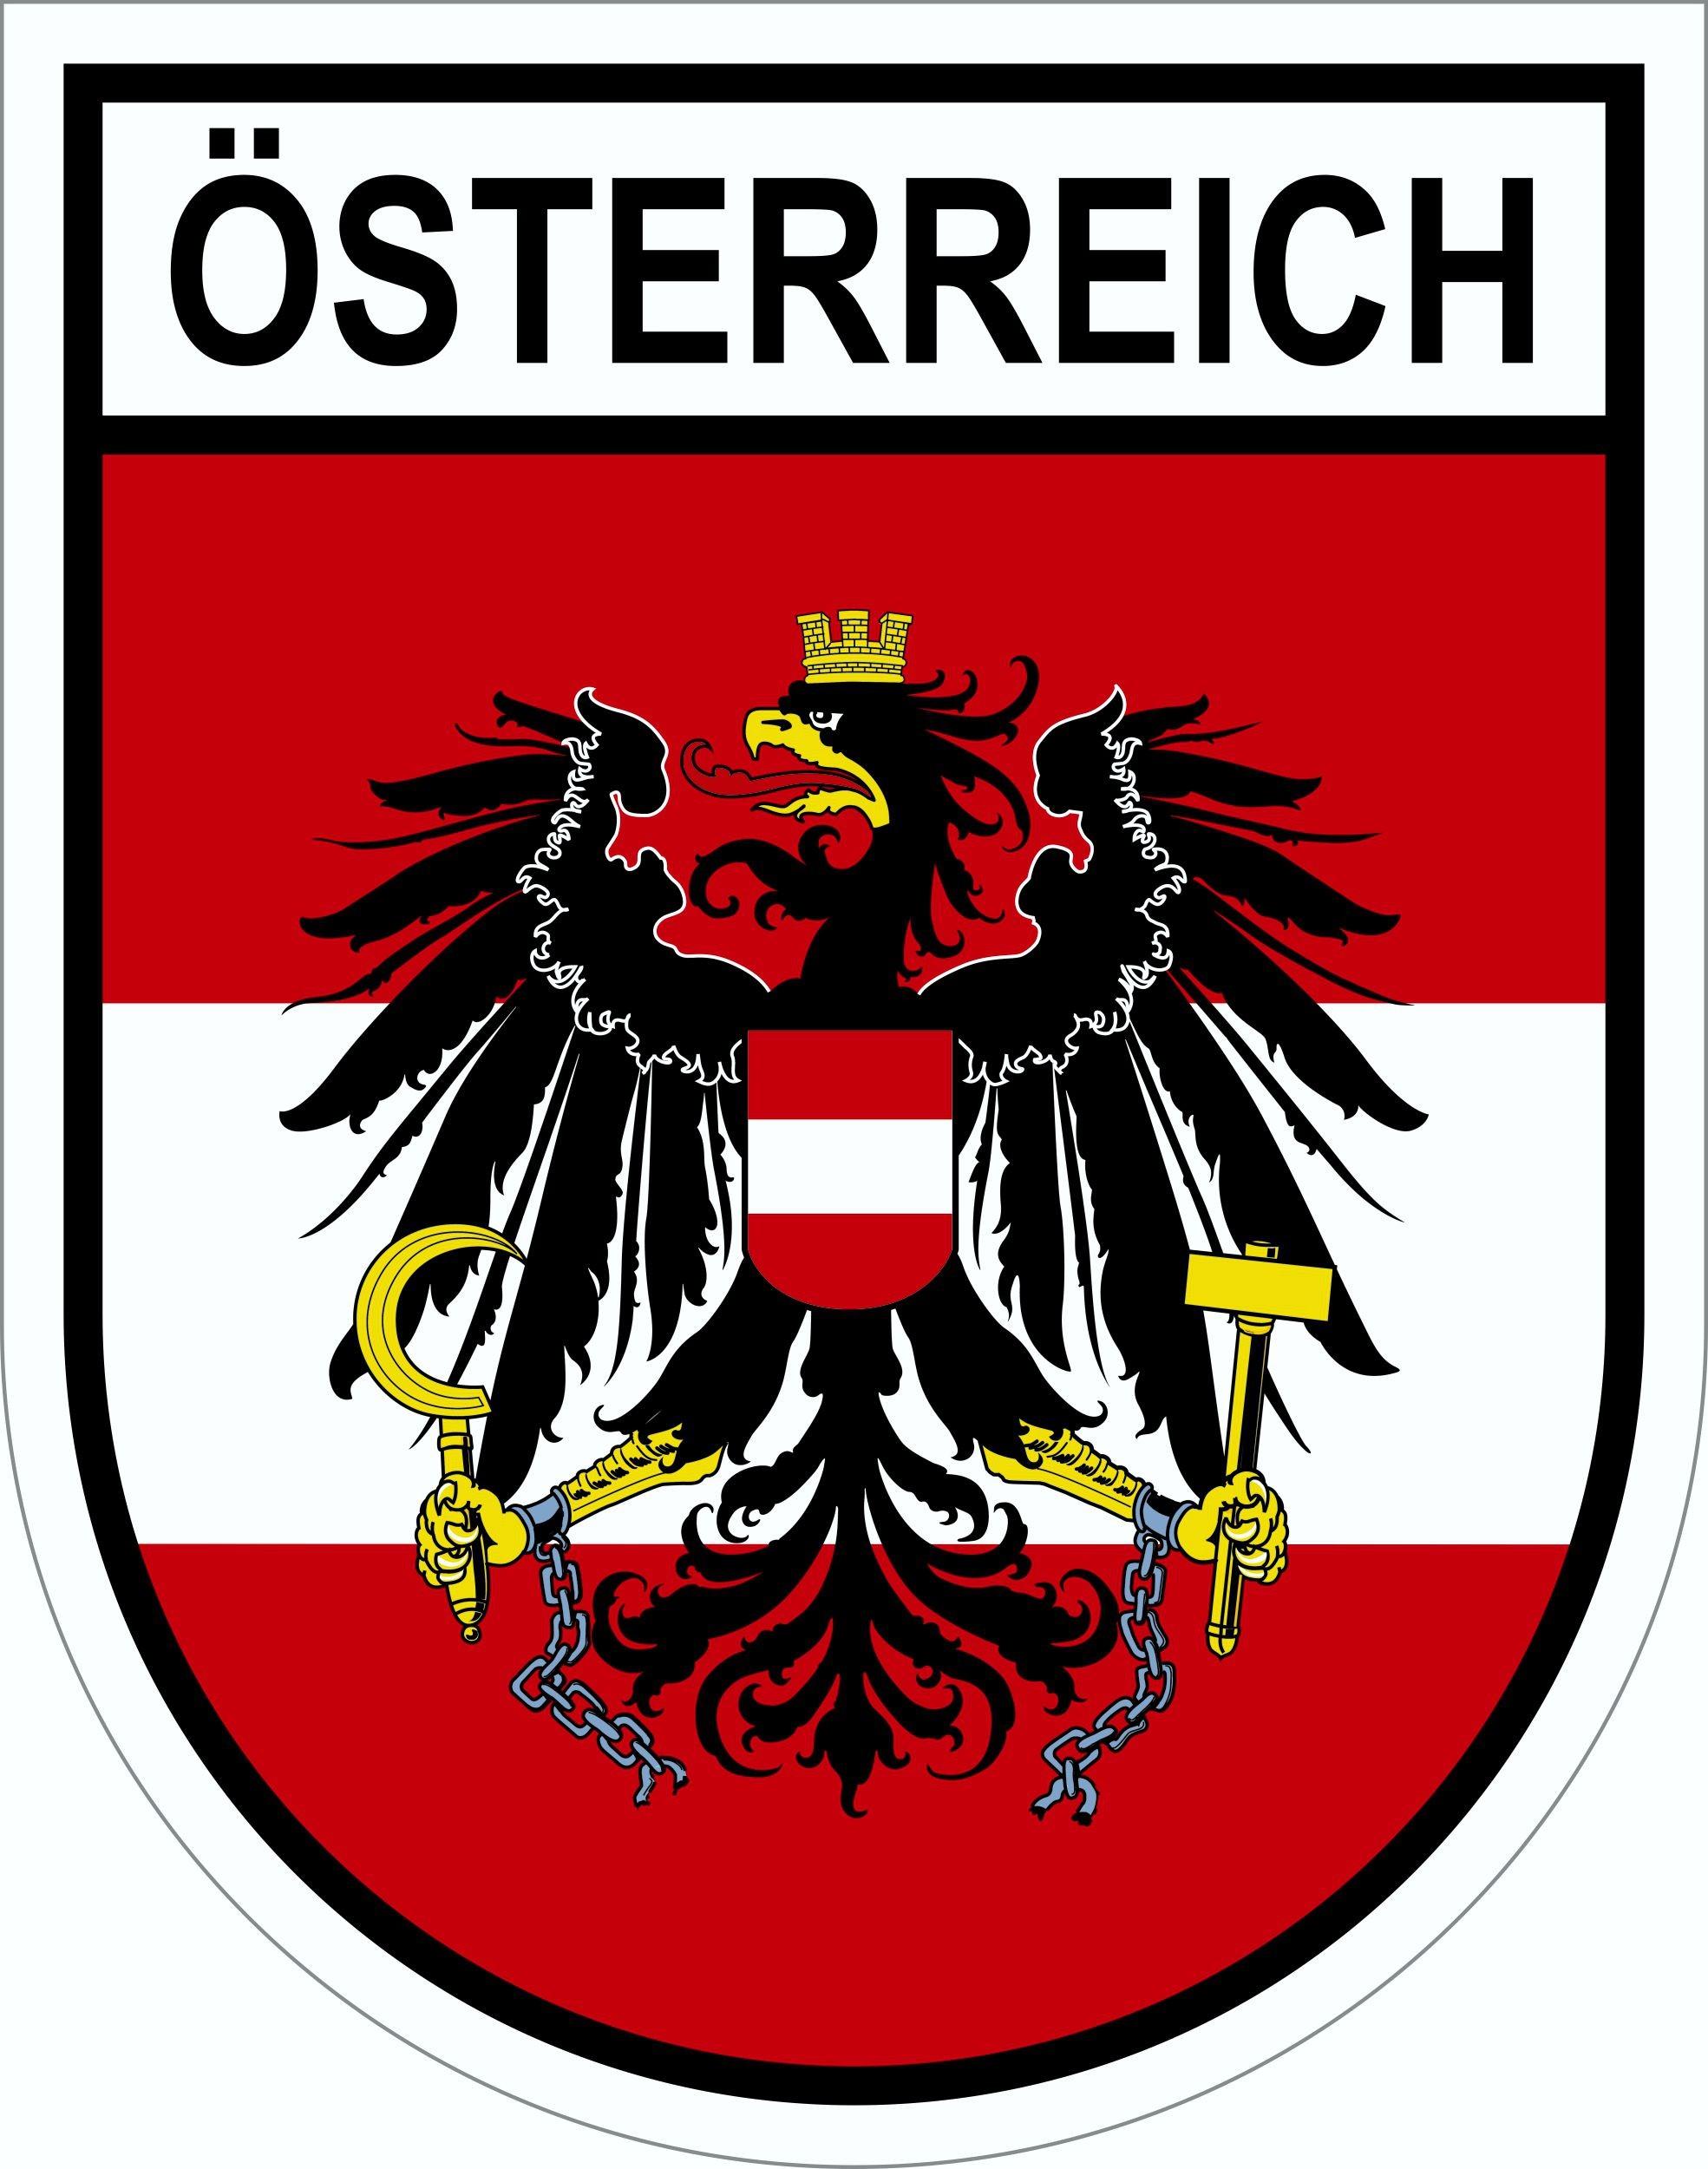 Aufkleber Wappen Österreich 80 x 65 mm 001